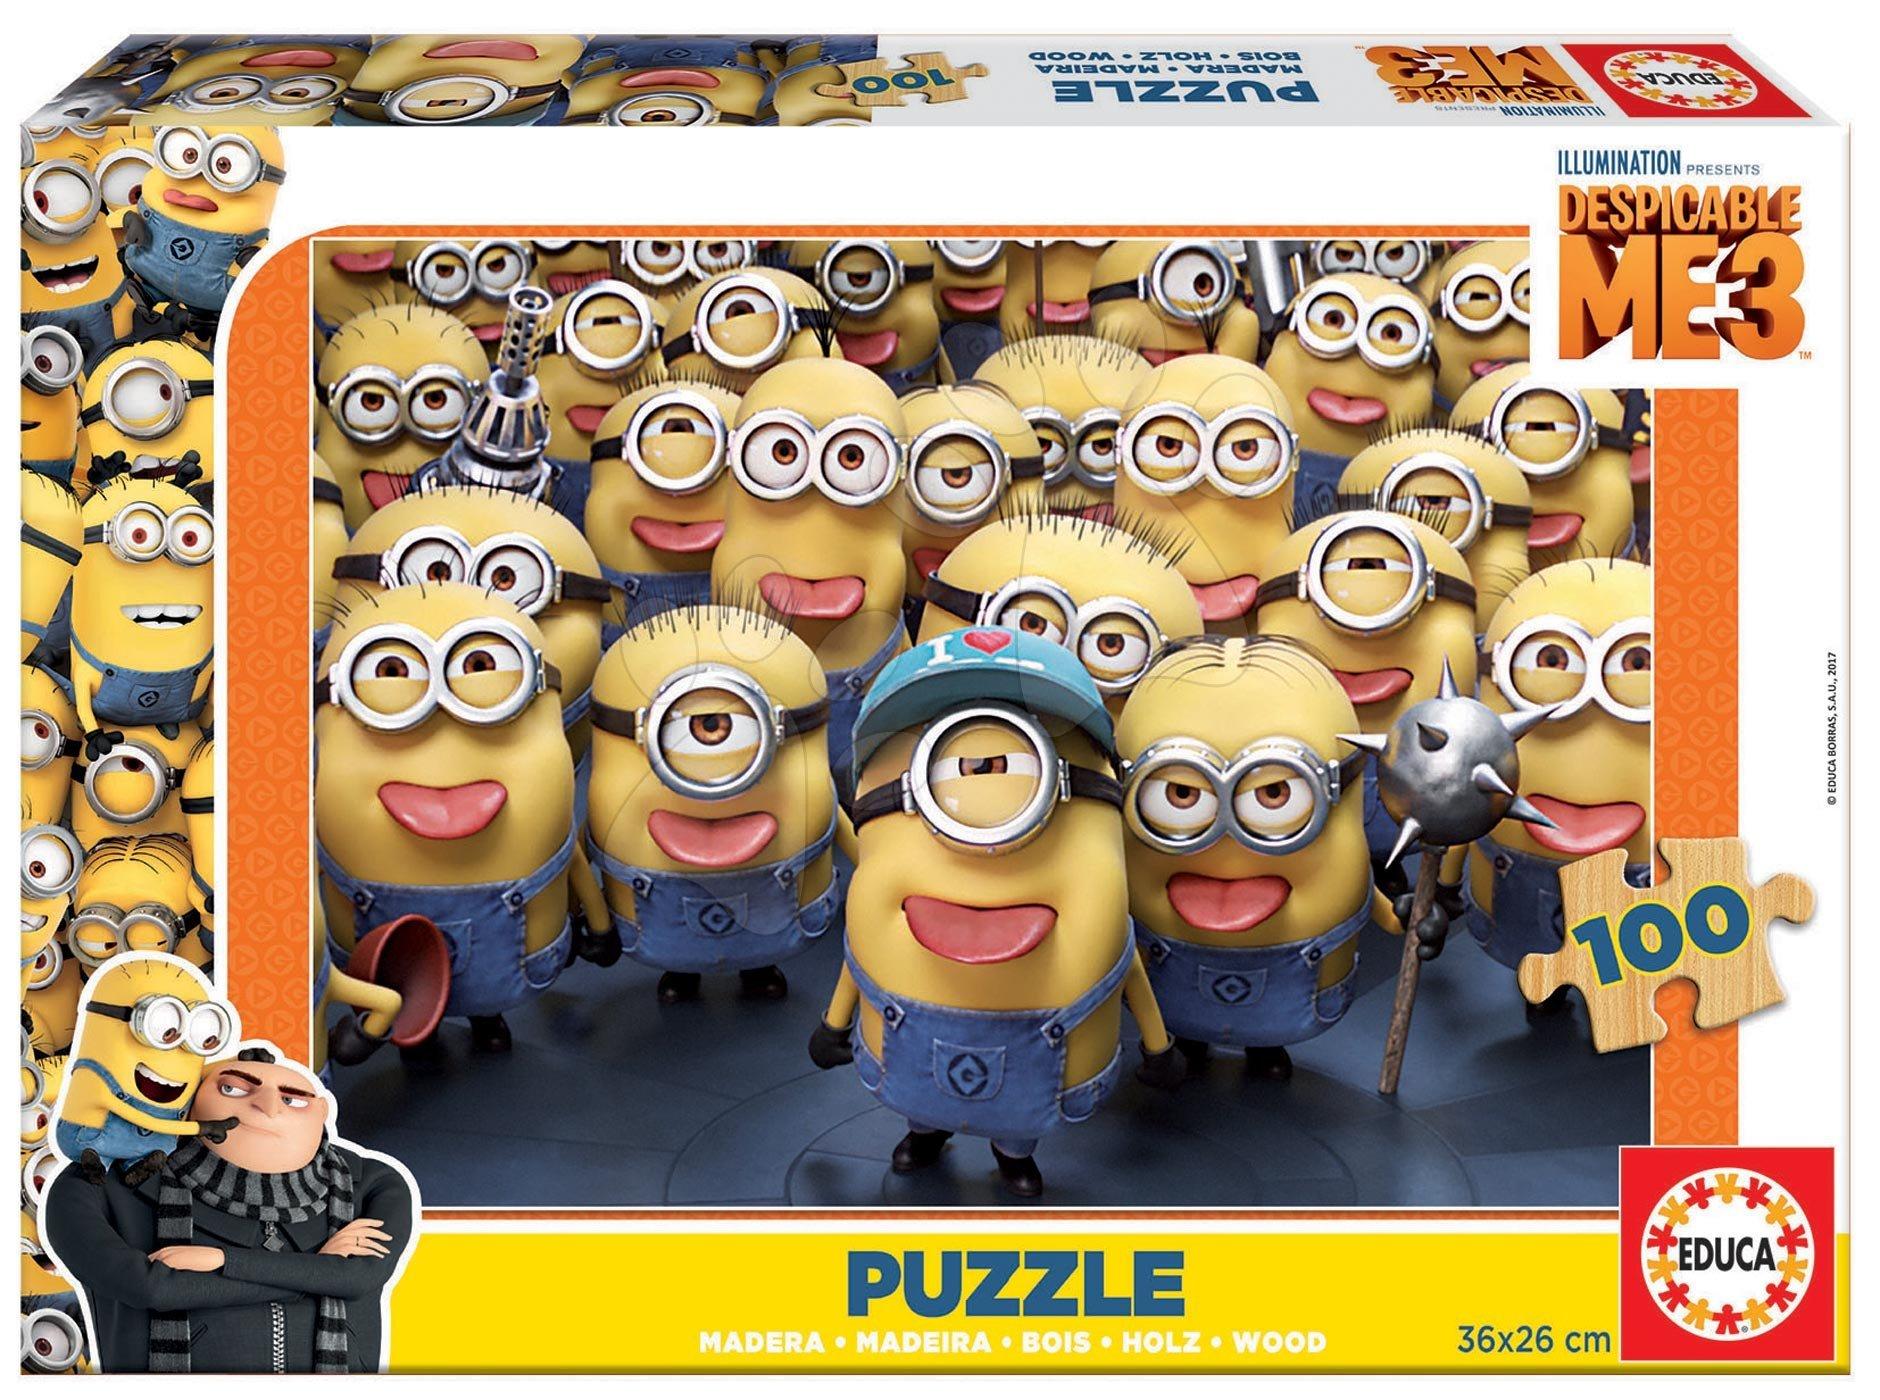 Dřevěné puzzle Minions Despicable Me 3 Educa 100 dílů od 6 let